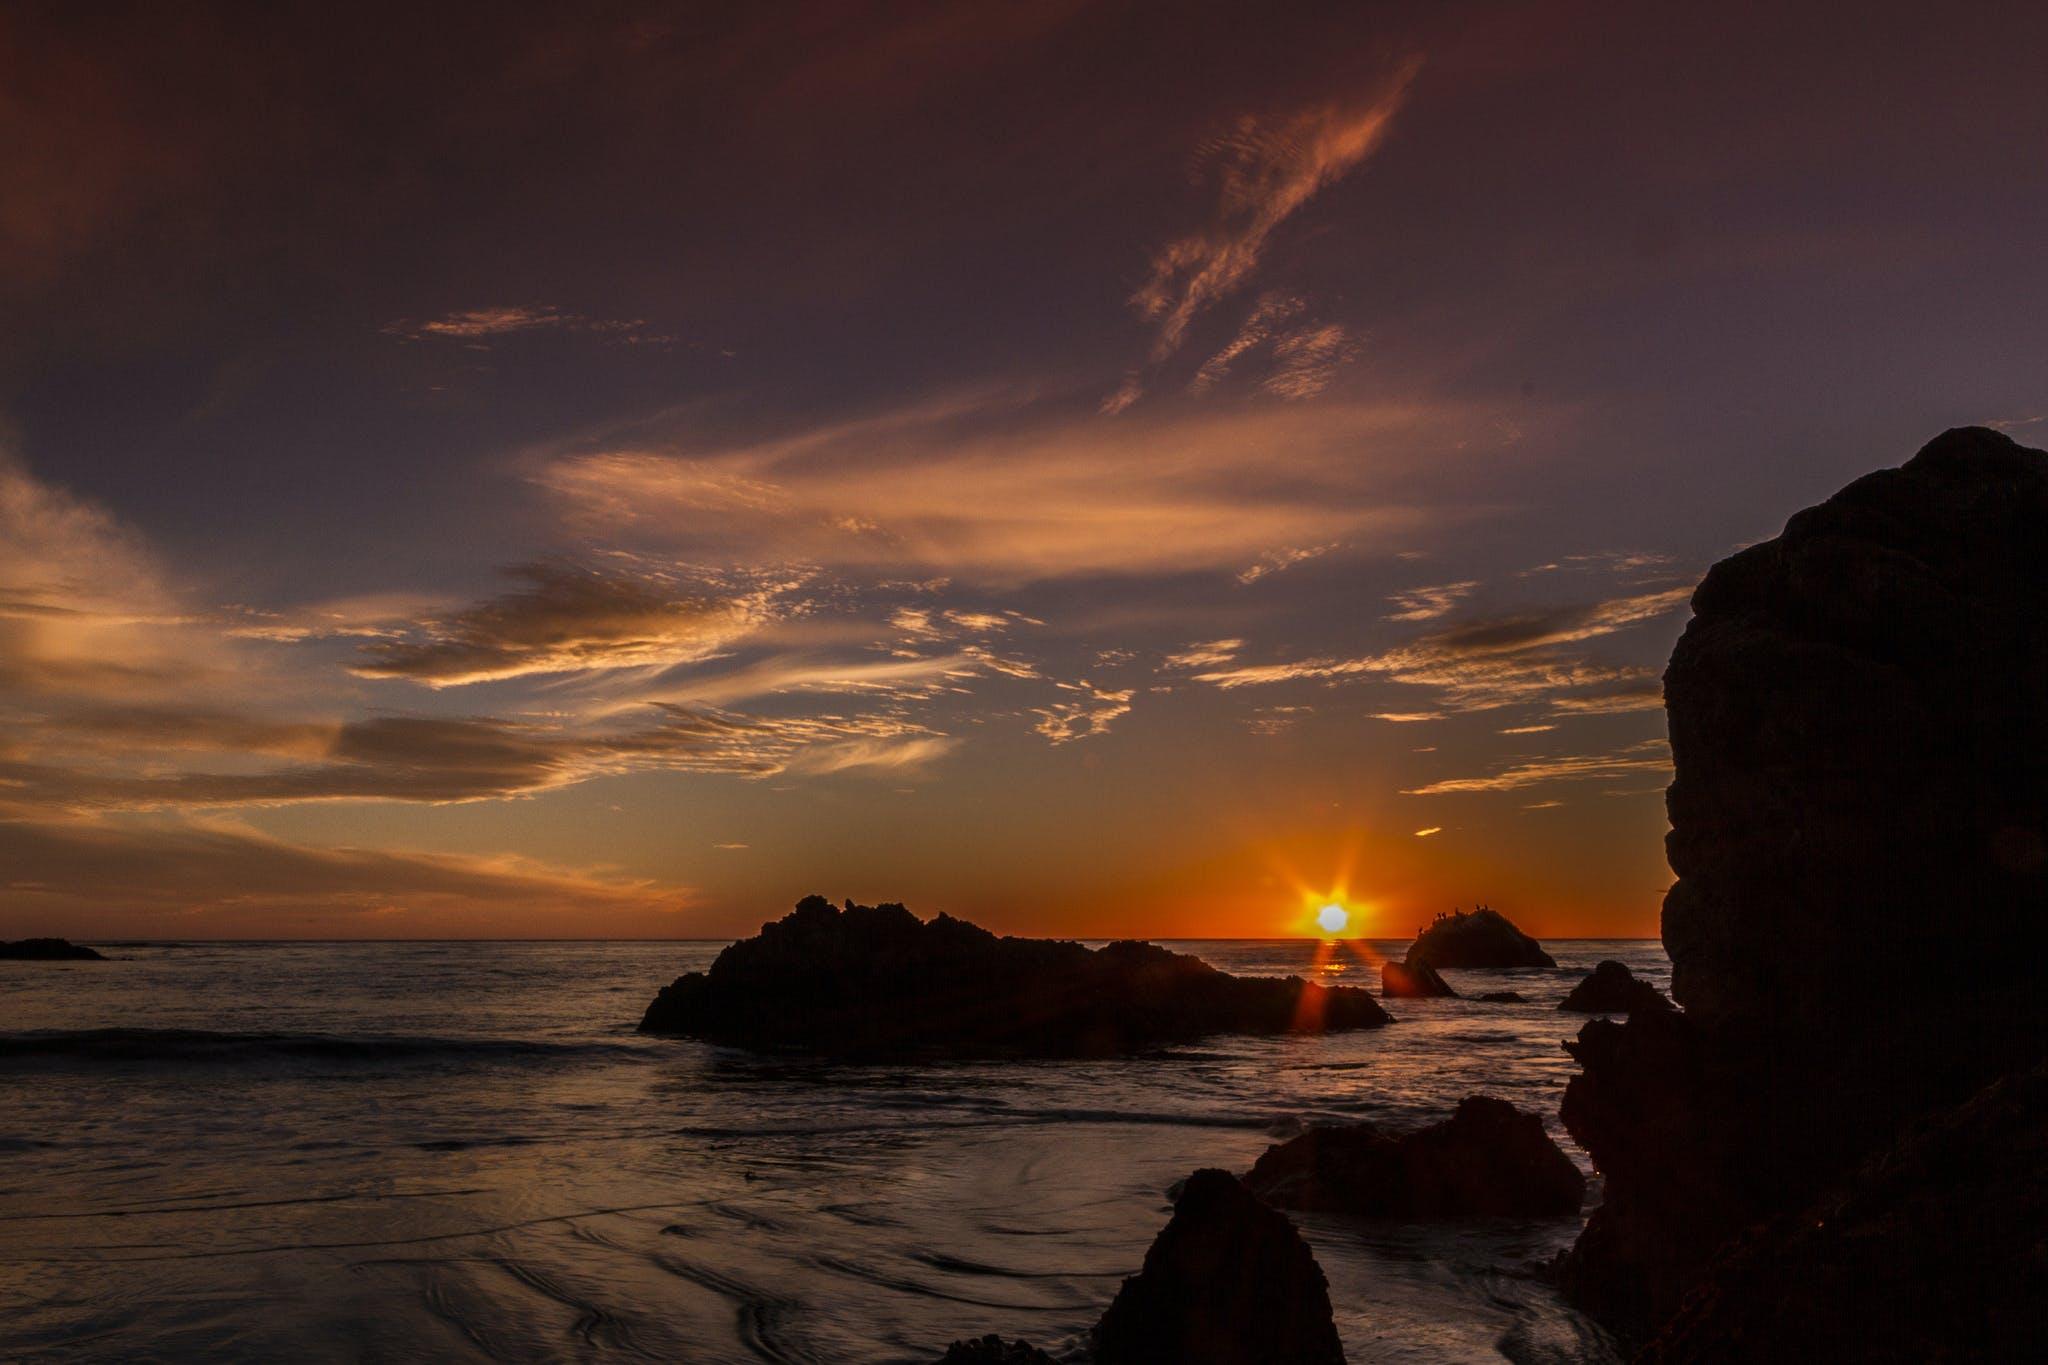 the sun setting at Estero Bluffs